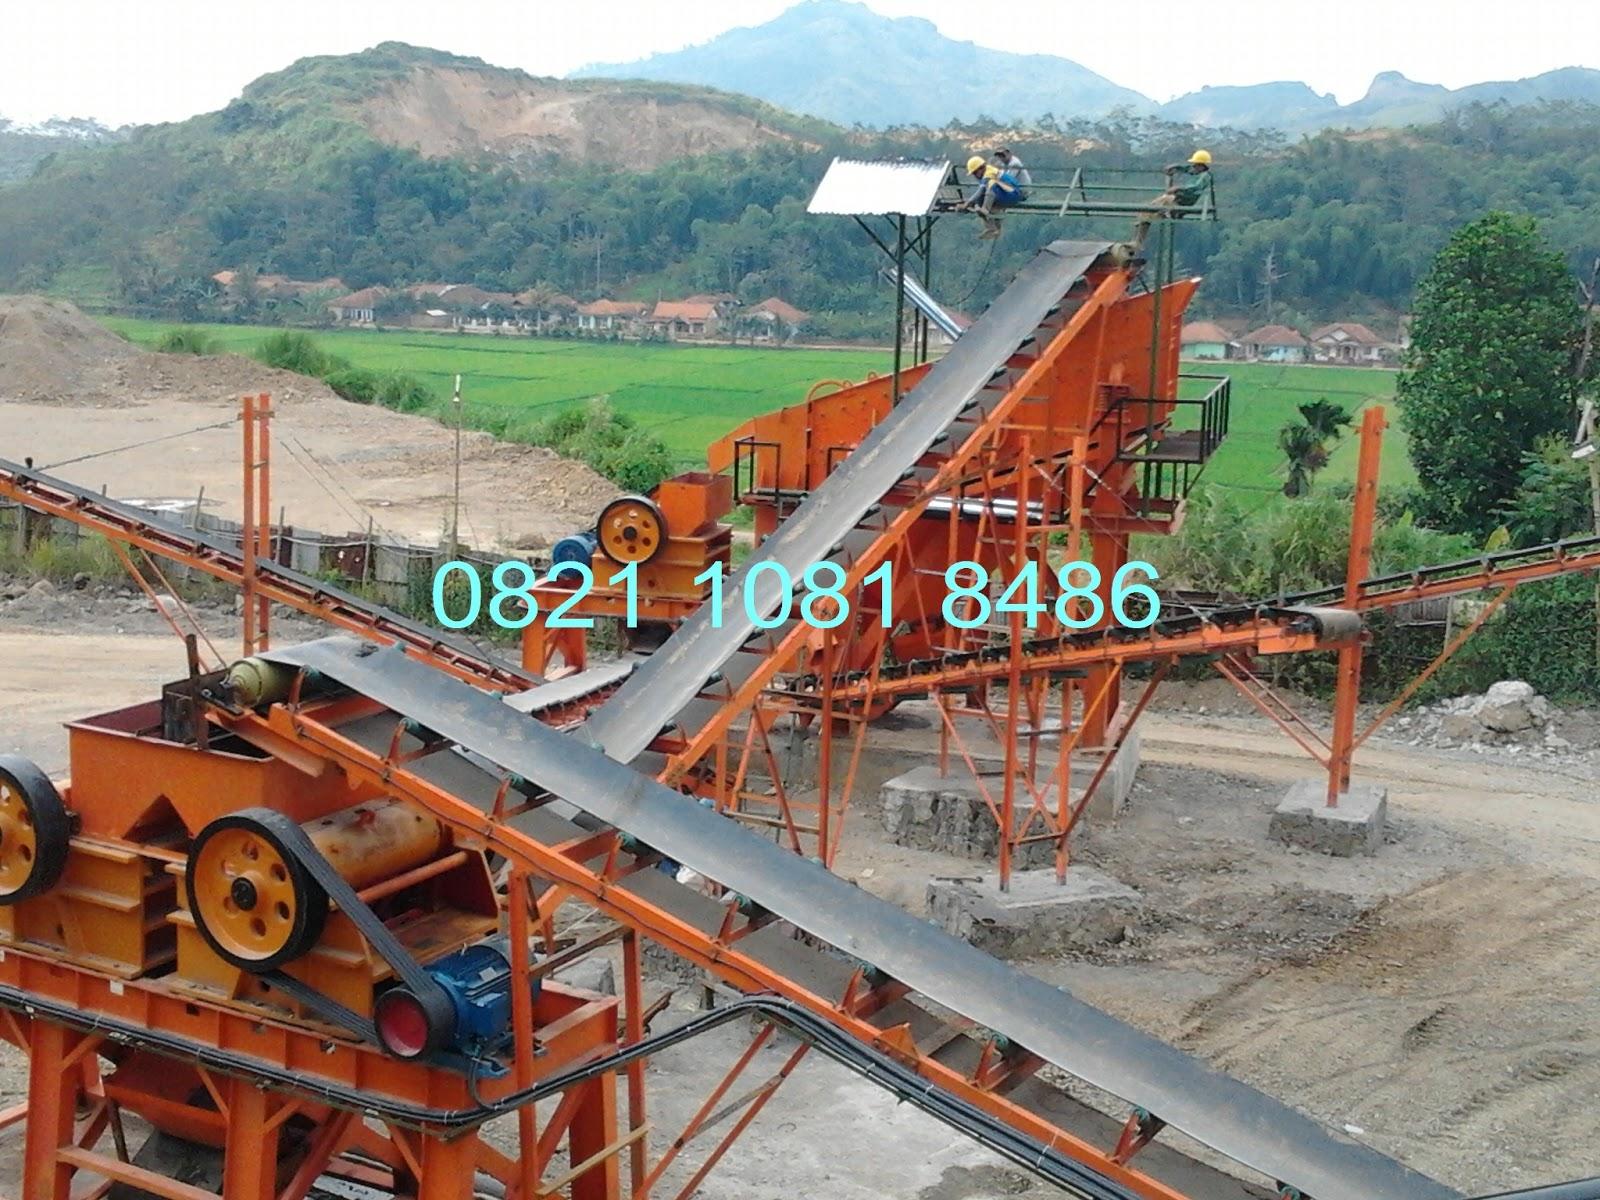 Jual Stone Crusher Plant Kapasitas 70 90 Ton Per Jam Hand Pipe Bender Krisbow 3 8 7 8in Kw1500520 Input Material Kapasitas70